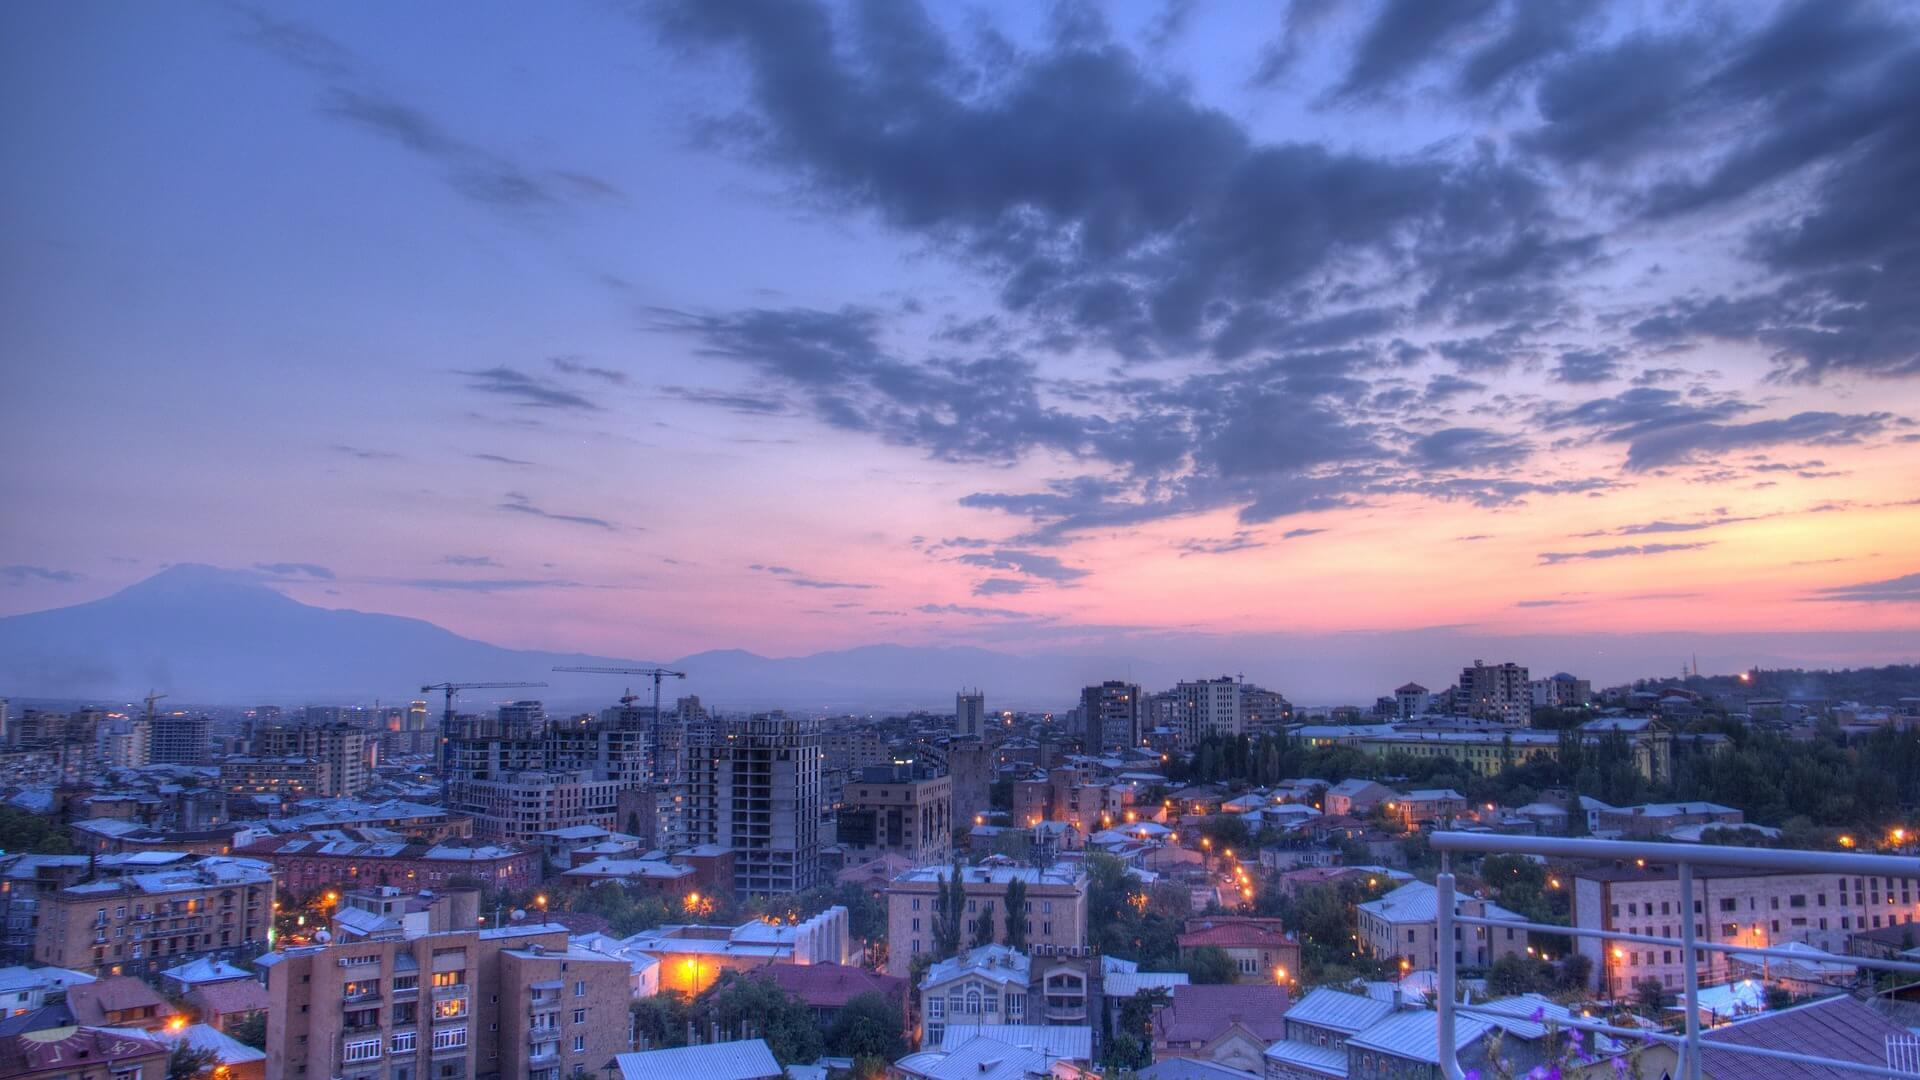 Zicht op de skyline en de ondergaande zon in Jerevan